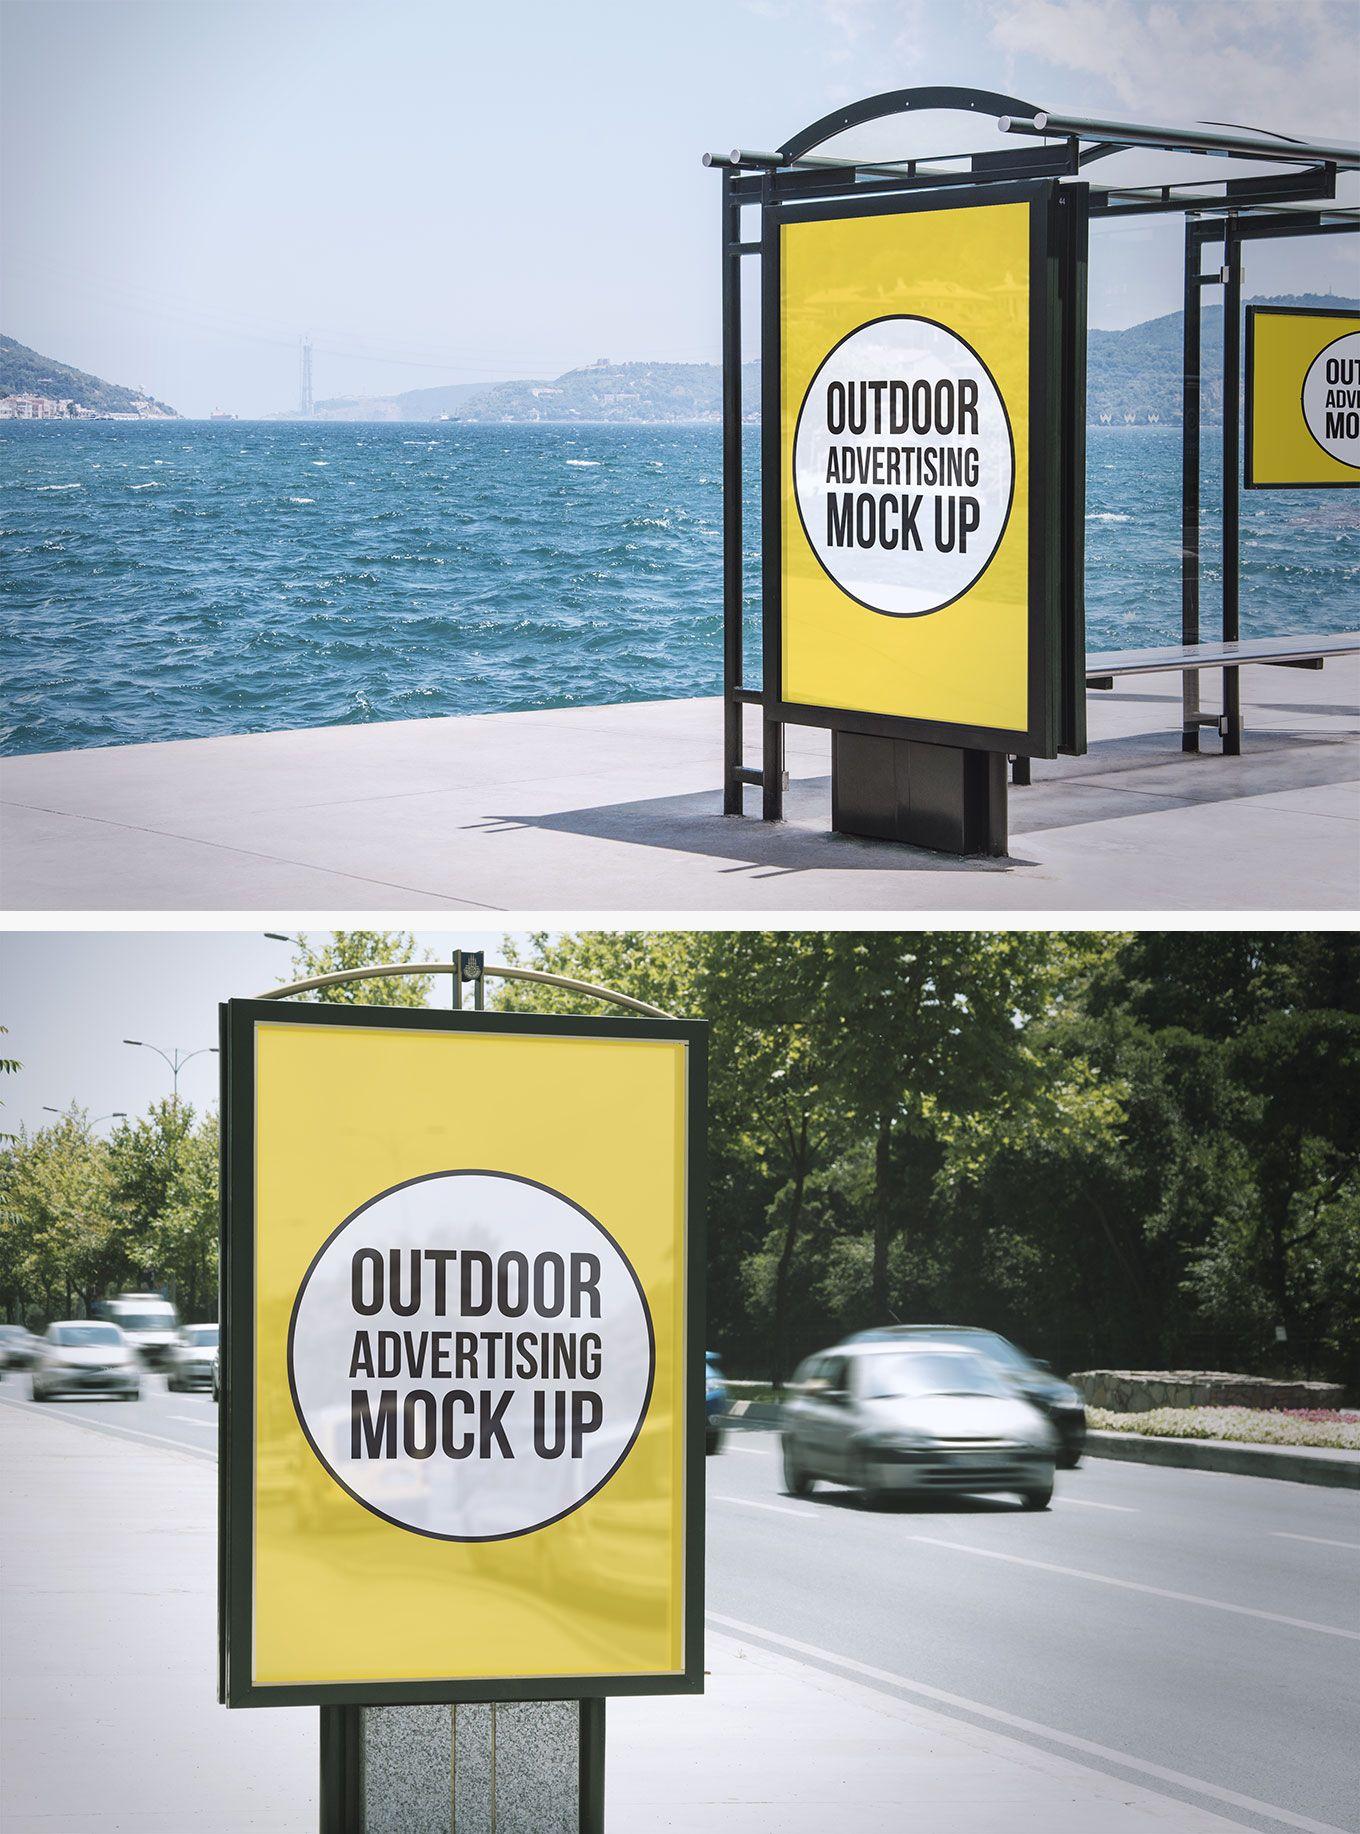 2 Outdoor Advertising Mock Ups Download Freebie By Pixelbuddha Outdoor Advertising Mockup Outdoor Advertising Outdoor Advertising Billboard